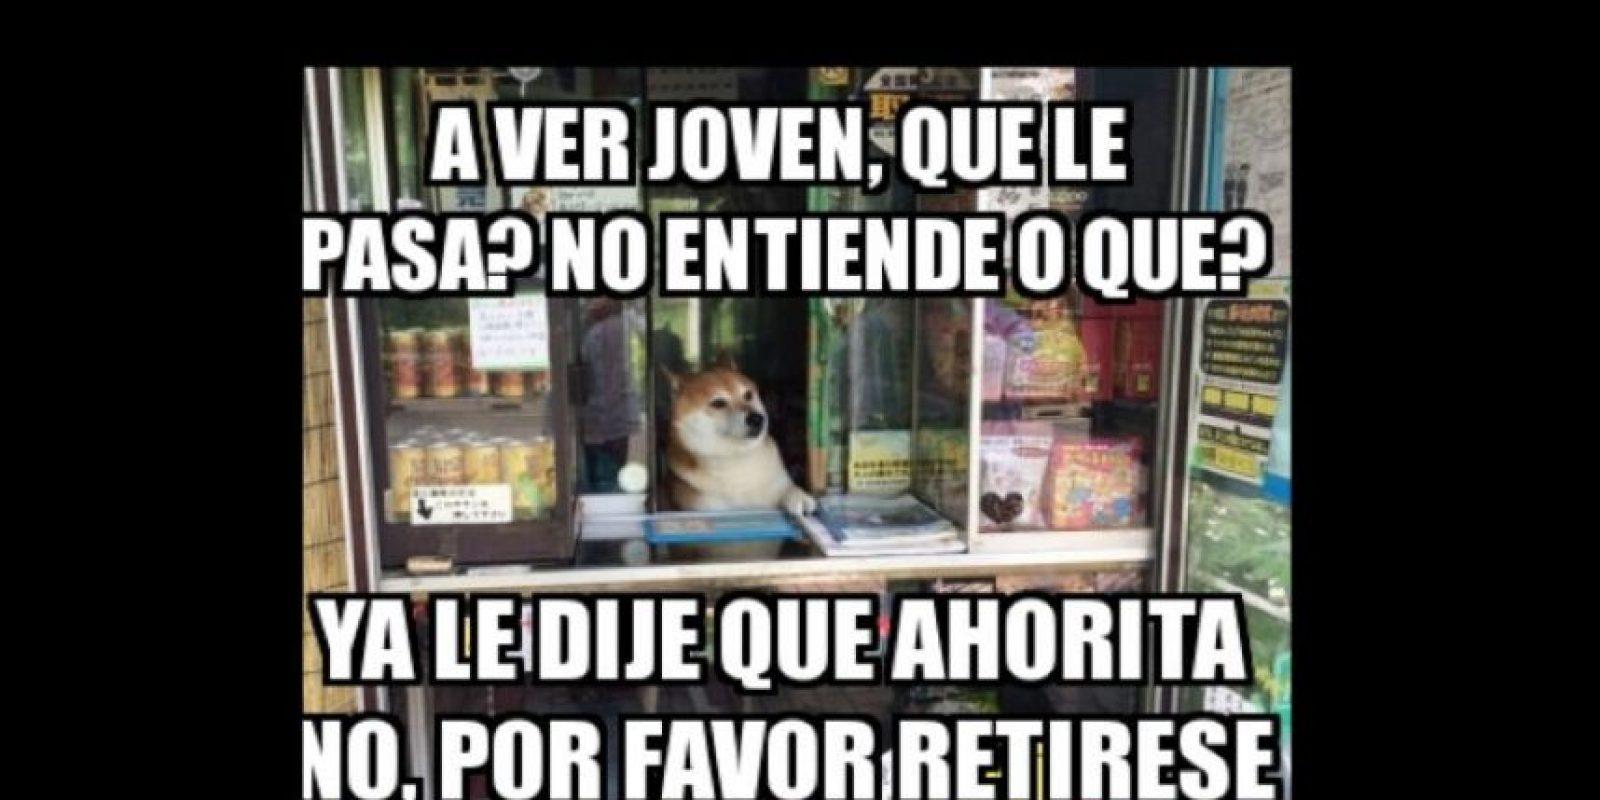 """Luego se creó el meme en Latinoamérica. También comenzó a usarse con otros perros y shibas como """"Doge"""". Foto:vía Twitter"""